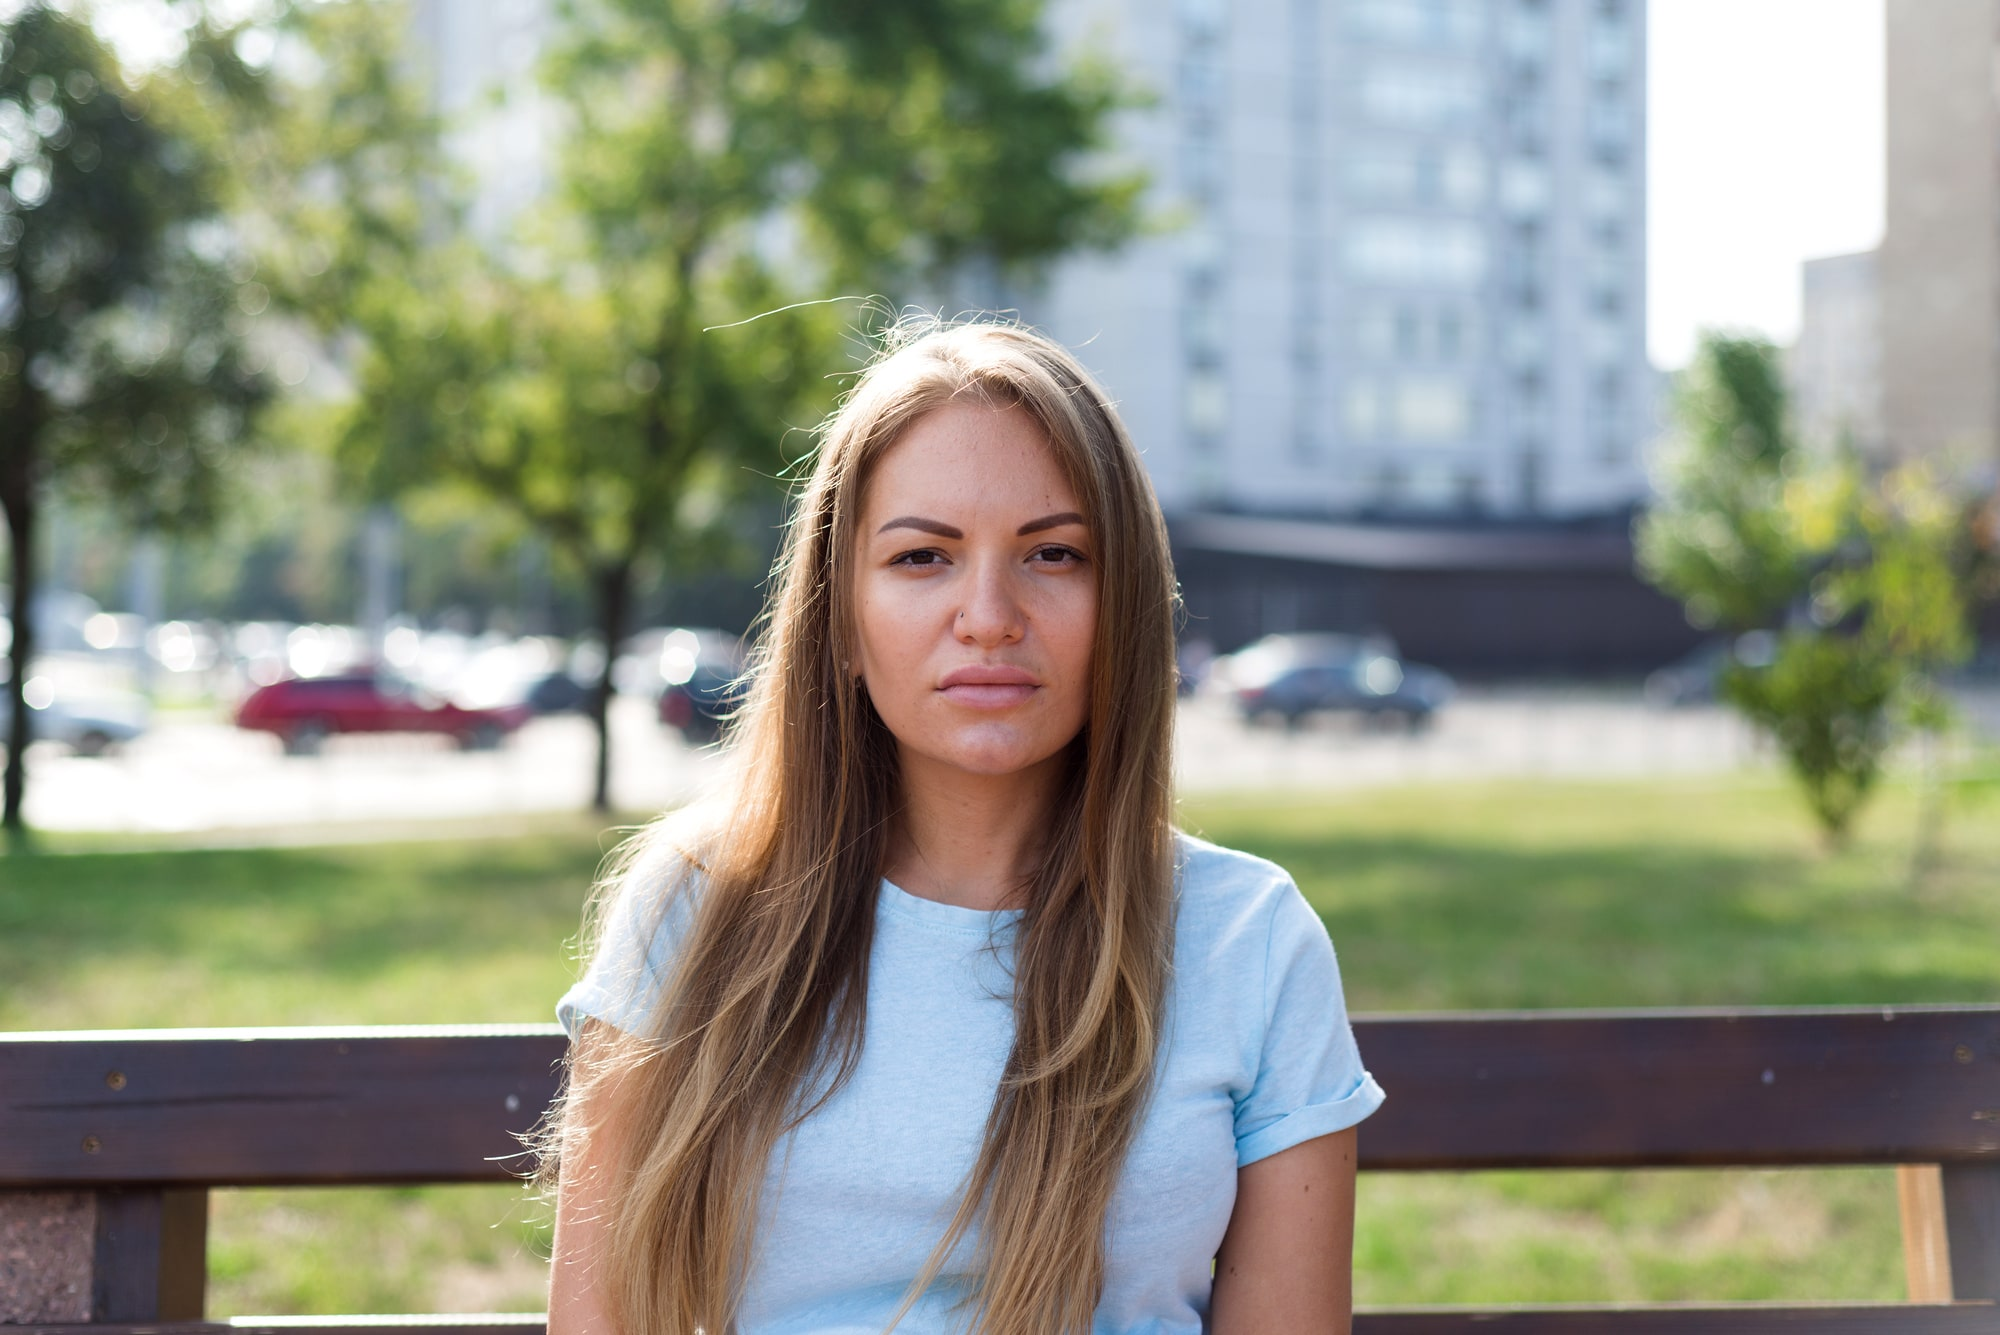 Фотосессия для беременных в Киеве - девушка